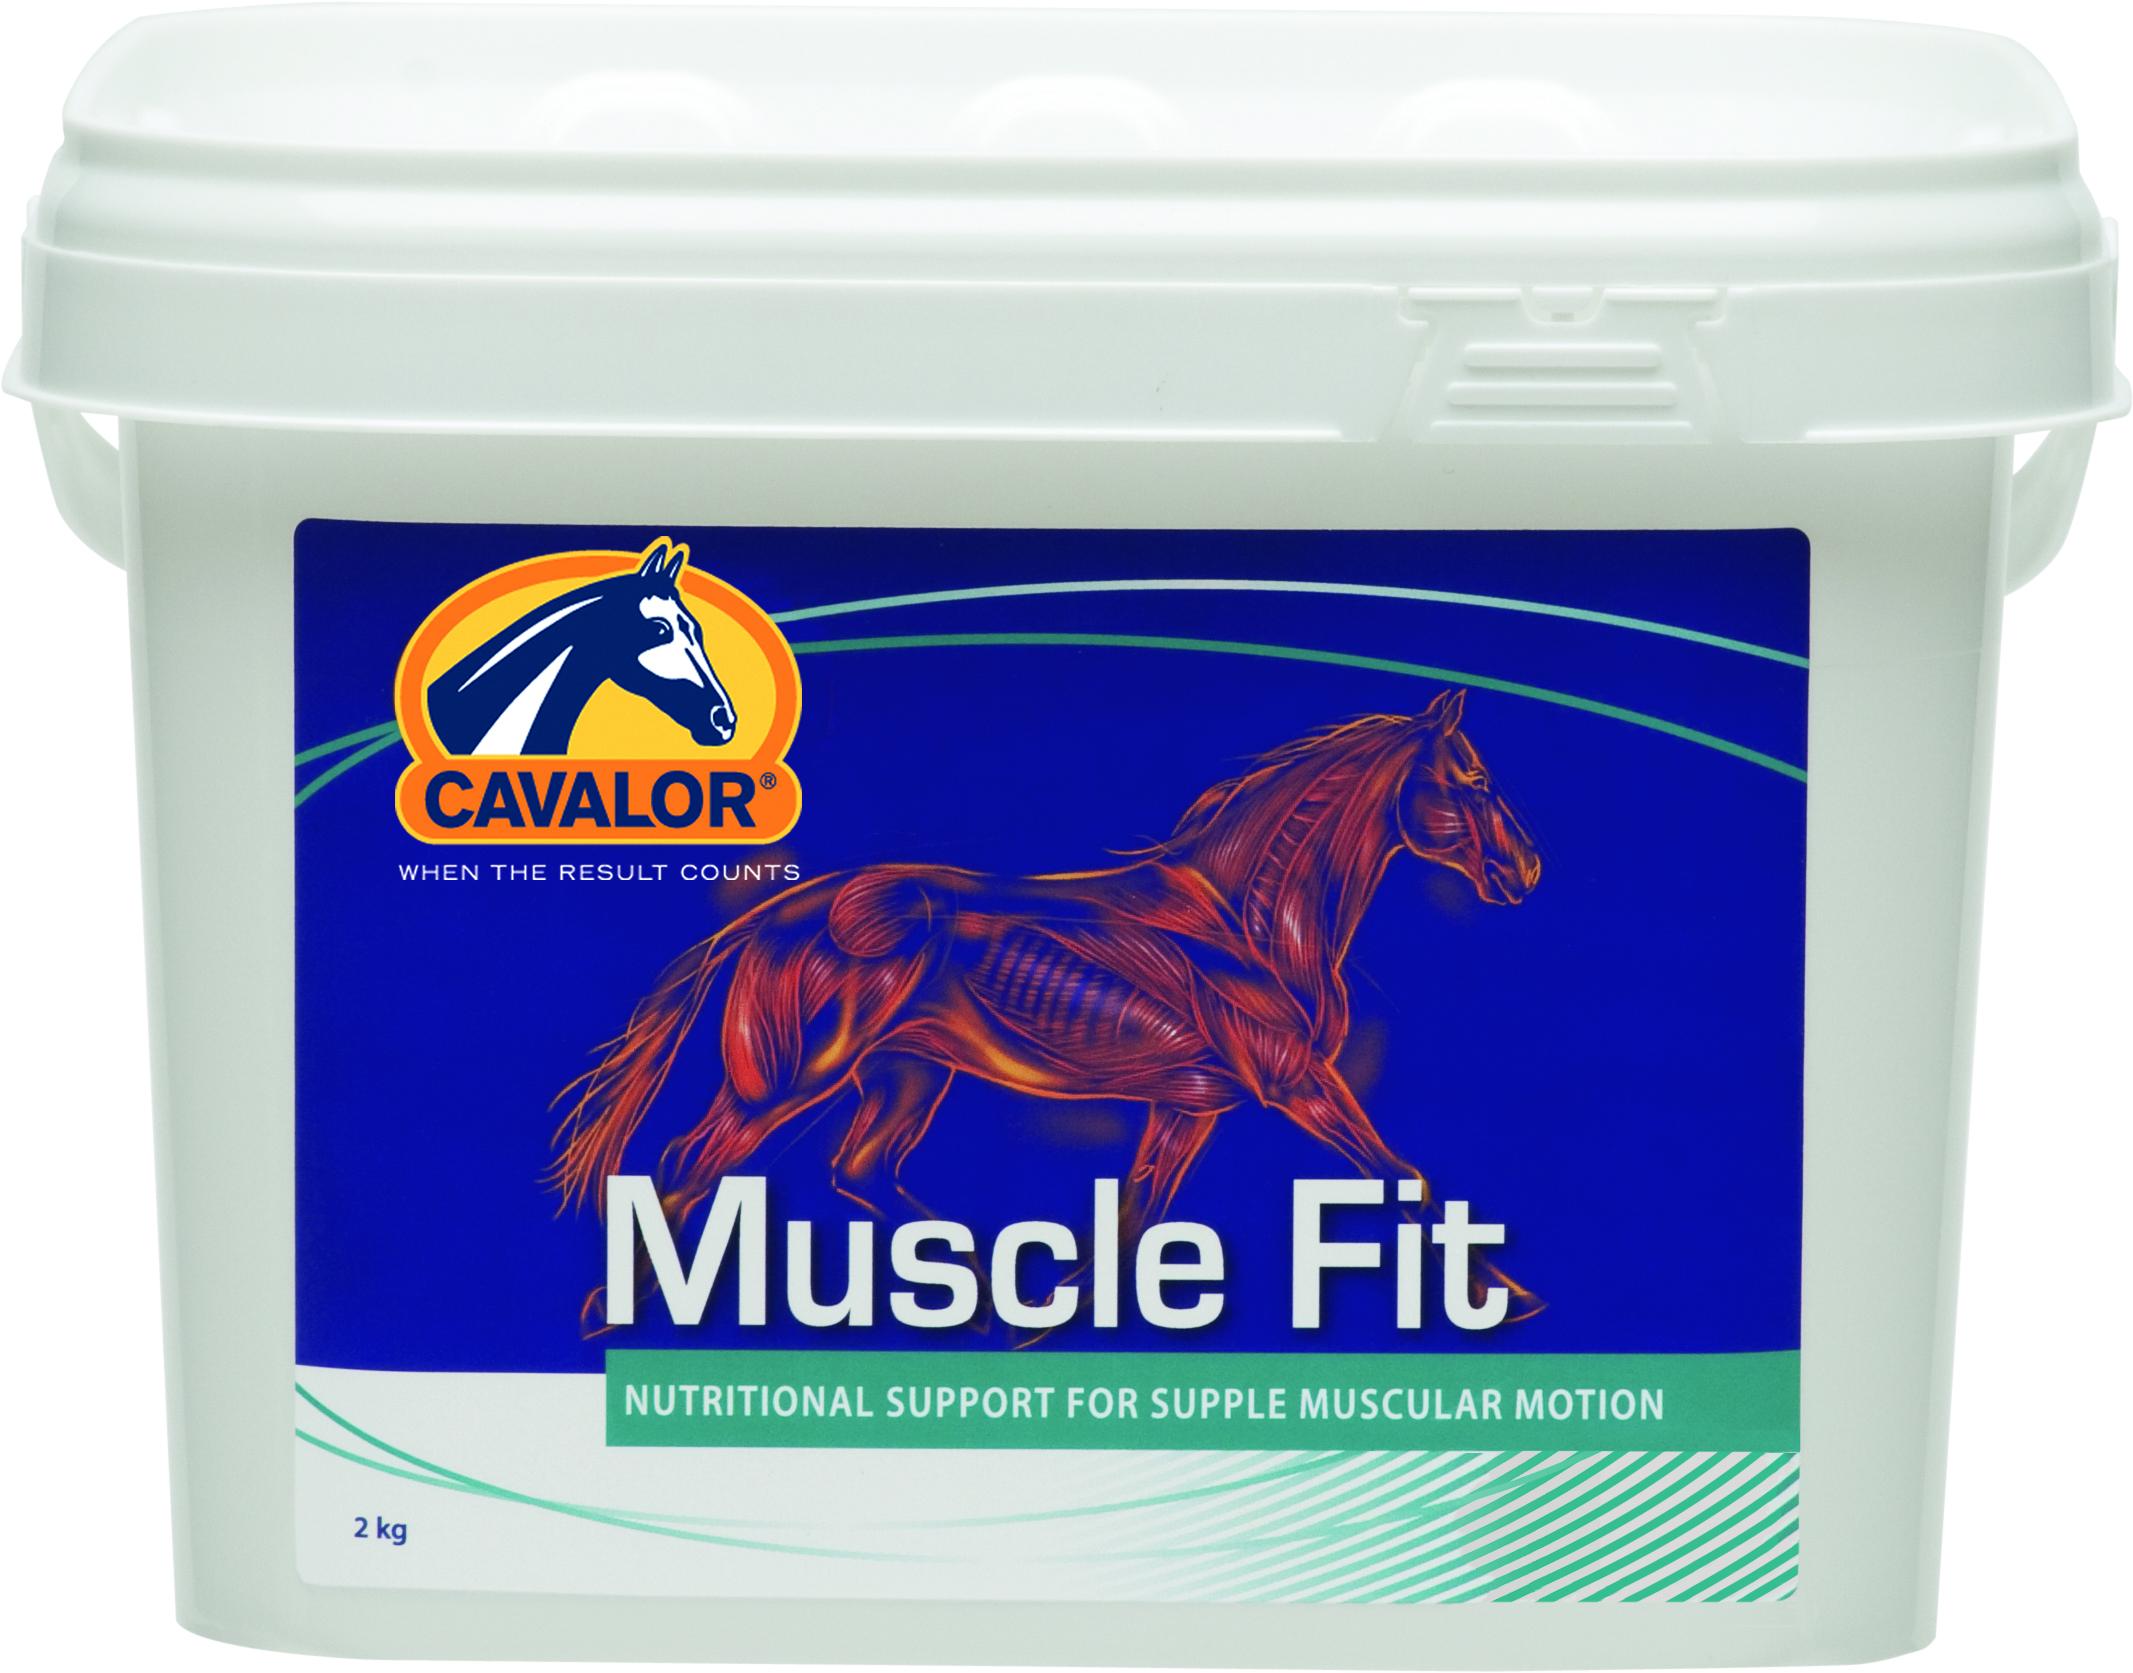 MuscleFit